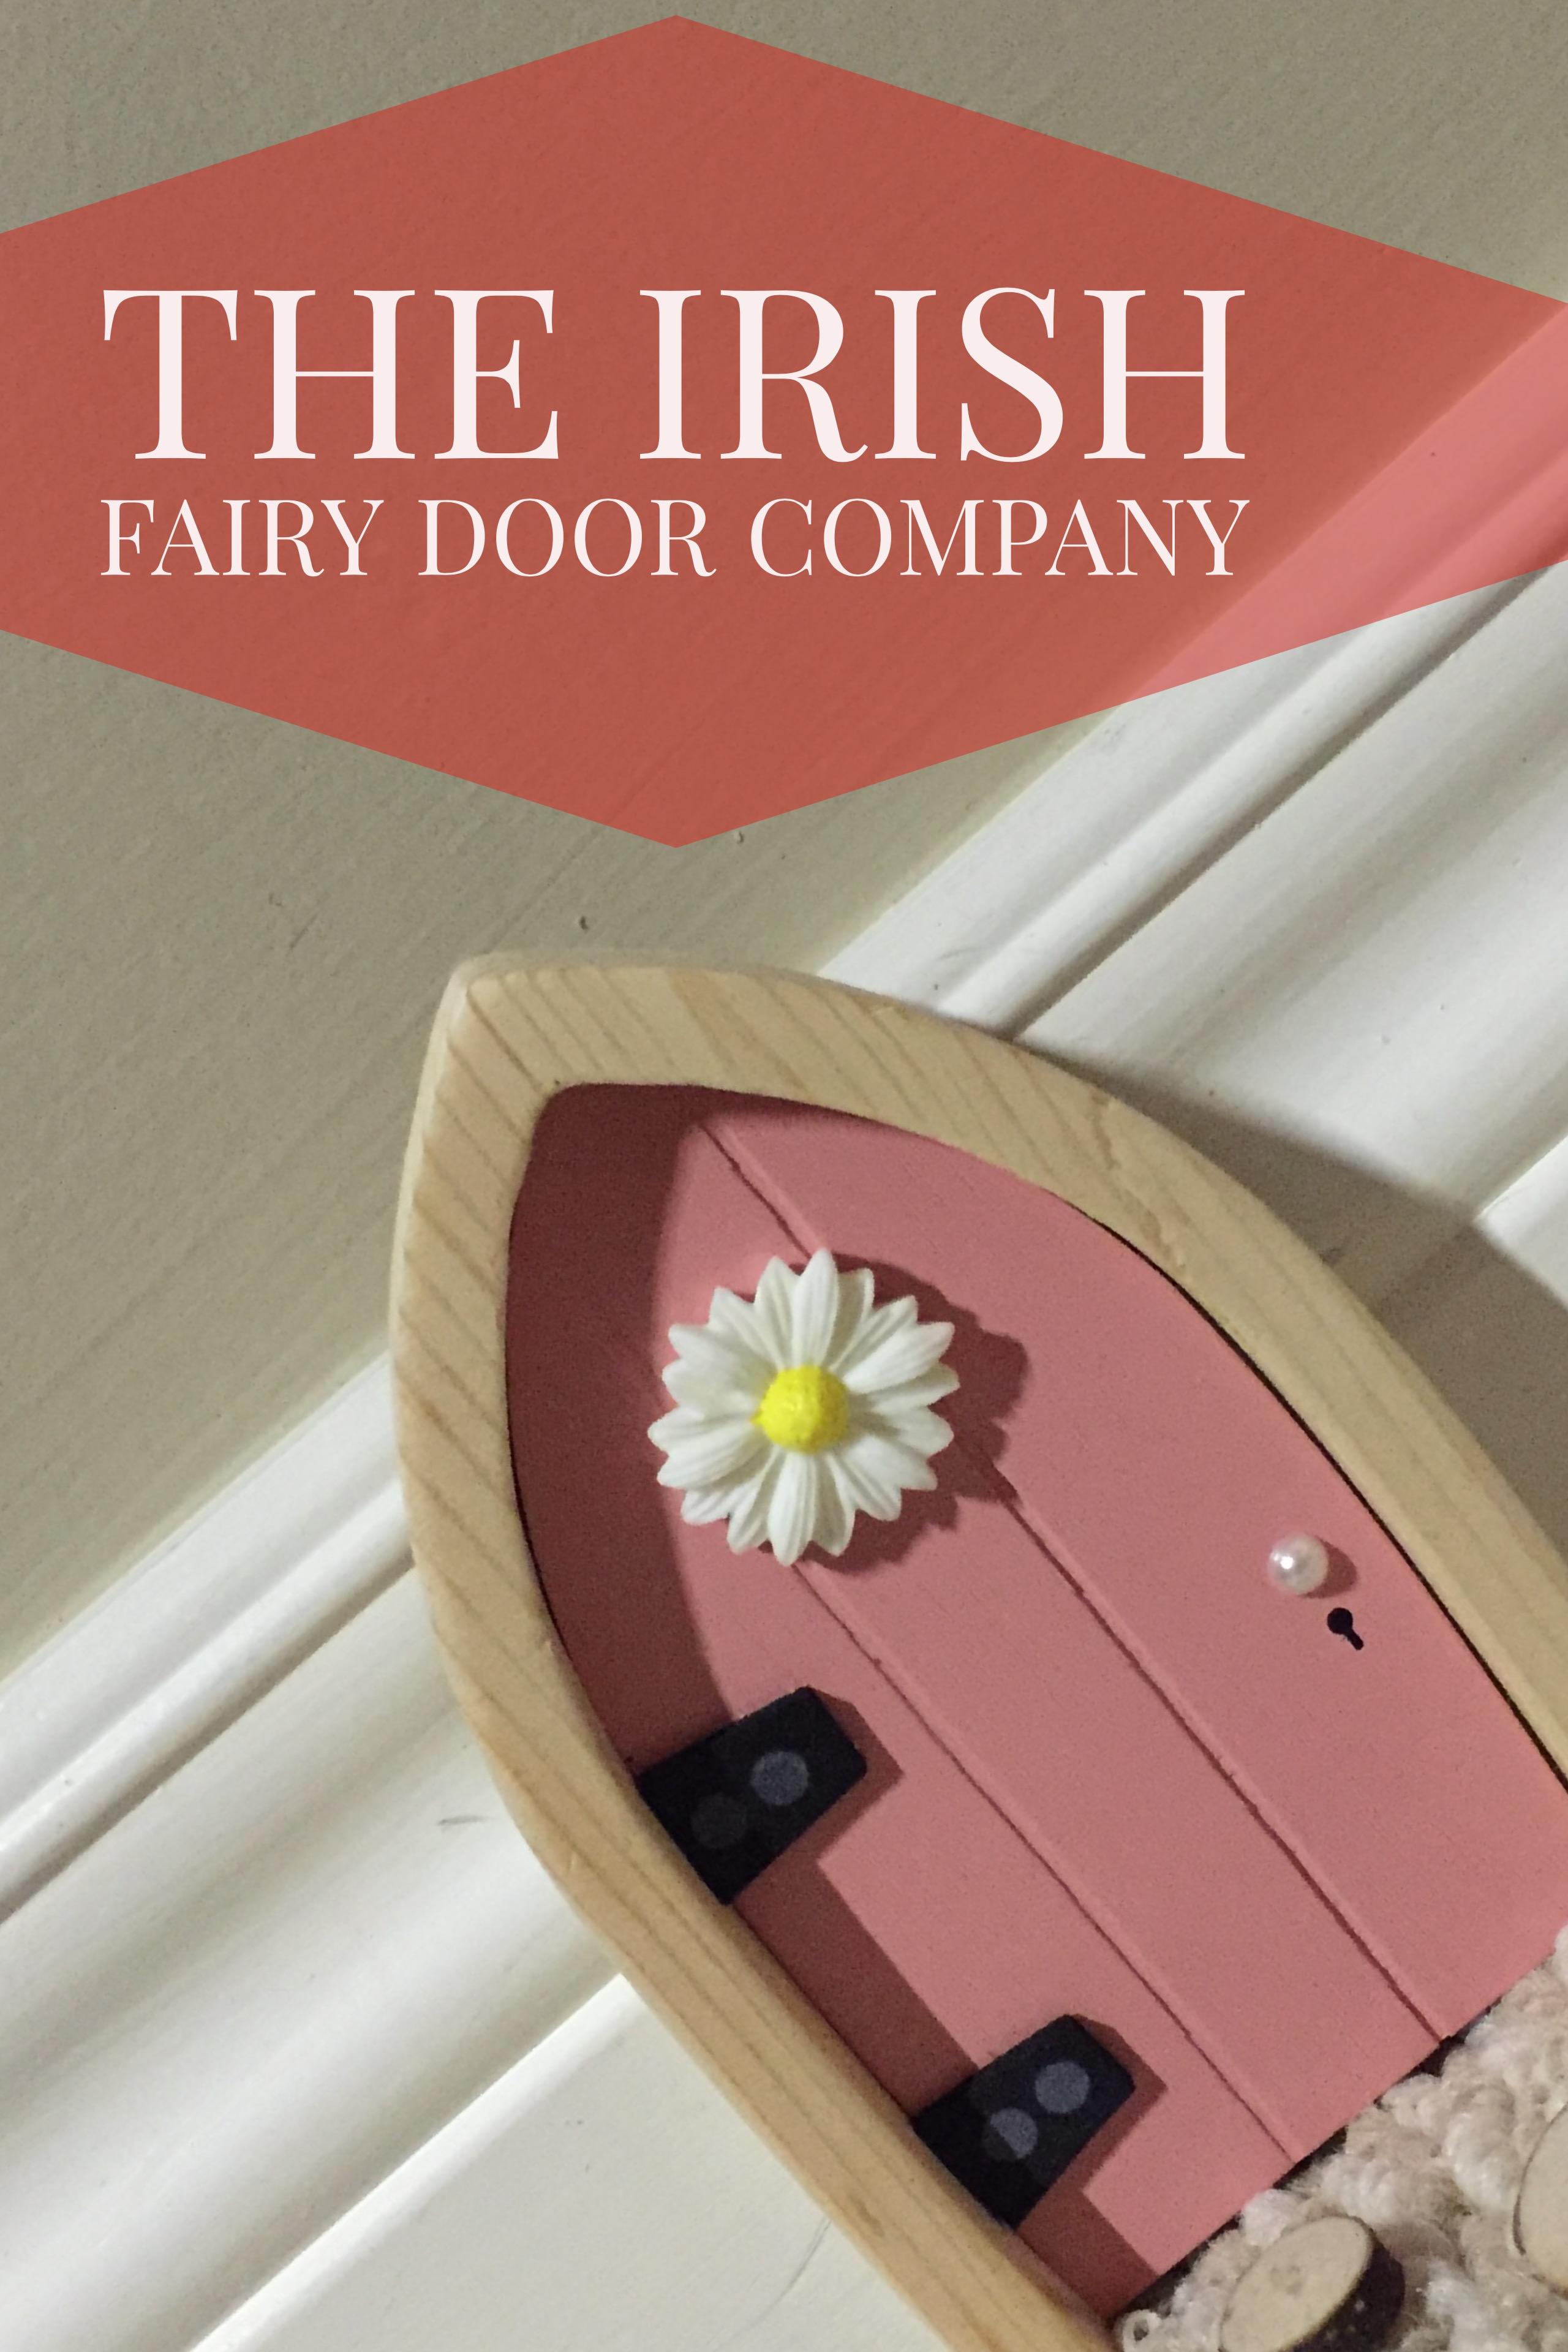 Fairy tales the irish fairy door company thrifty momma for The magic fairy door